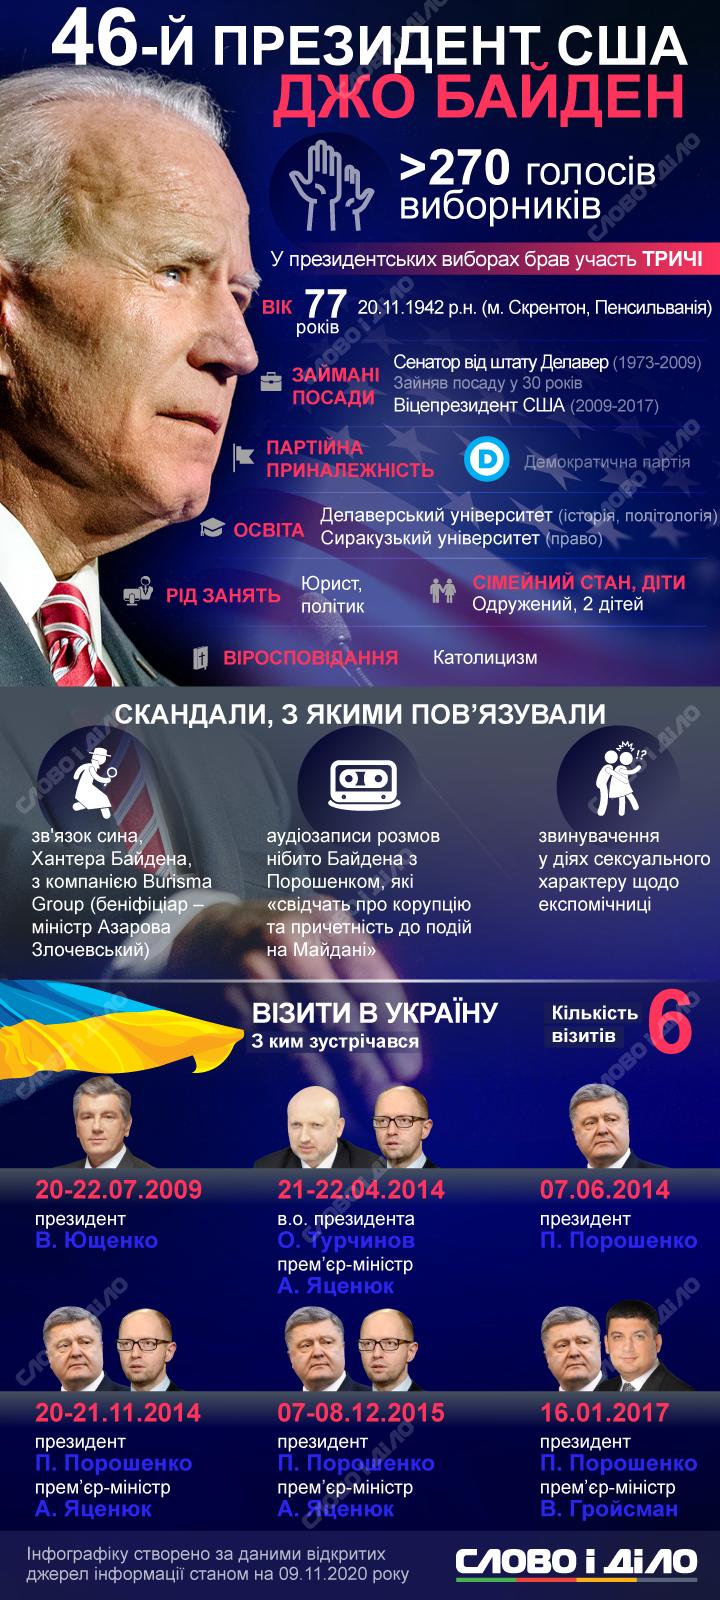 Байден уже бывал в Украине и выступал в Раде, а также заявил, что собирается сделать нашу страну приоритетом американской внешней политики.